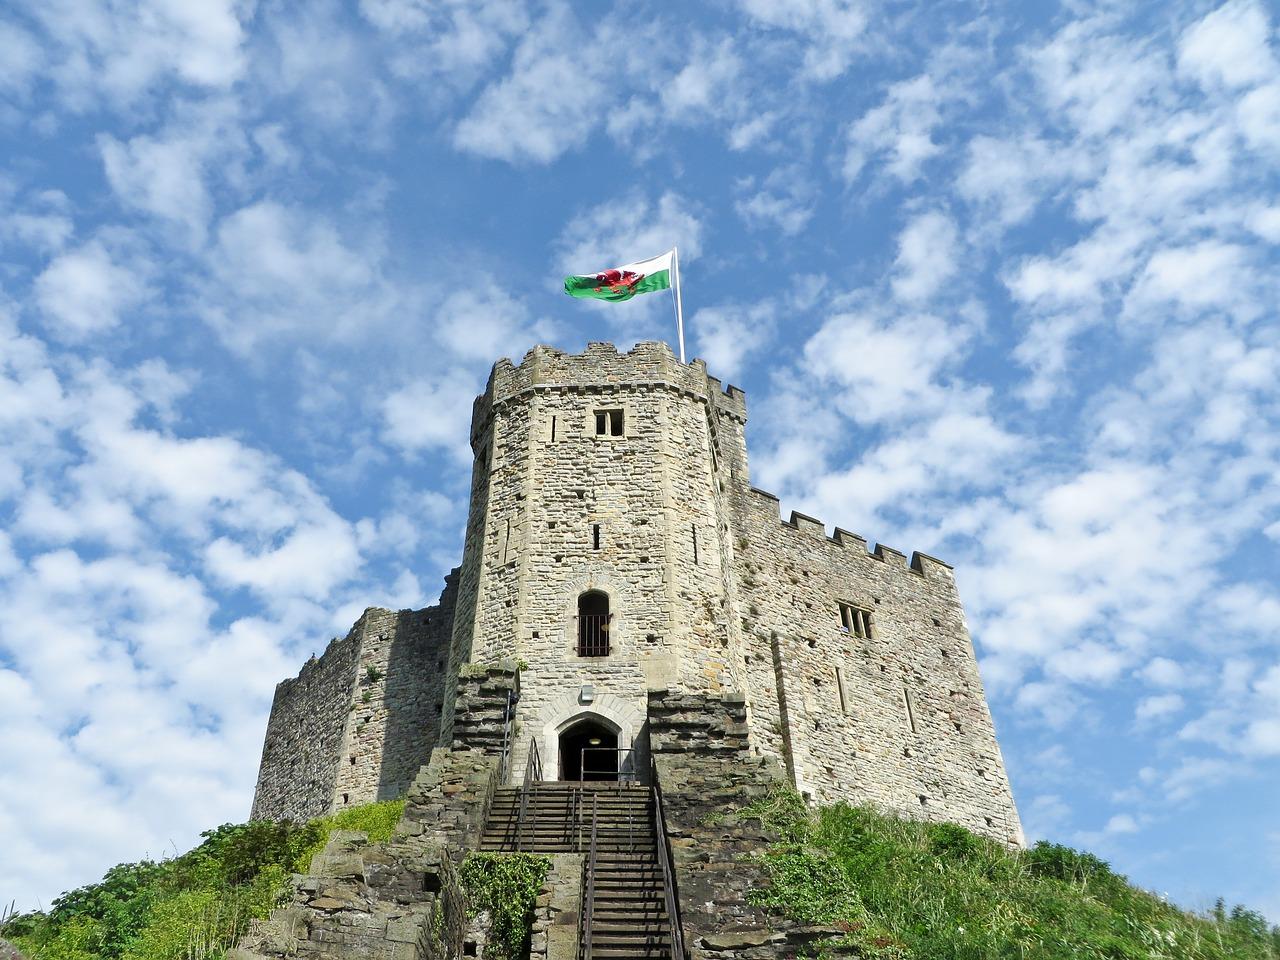 Castelul Cardiff